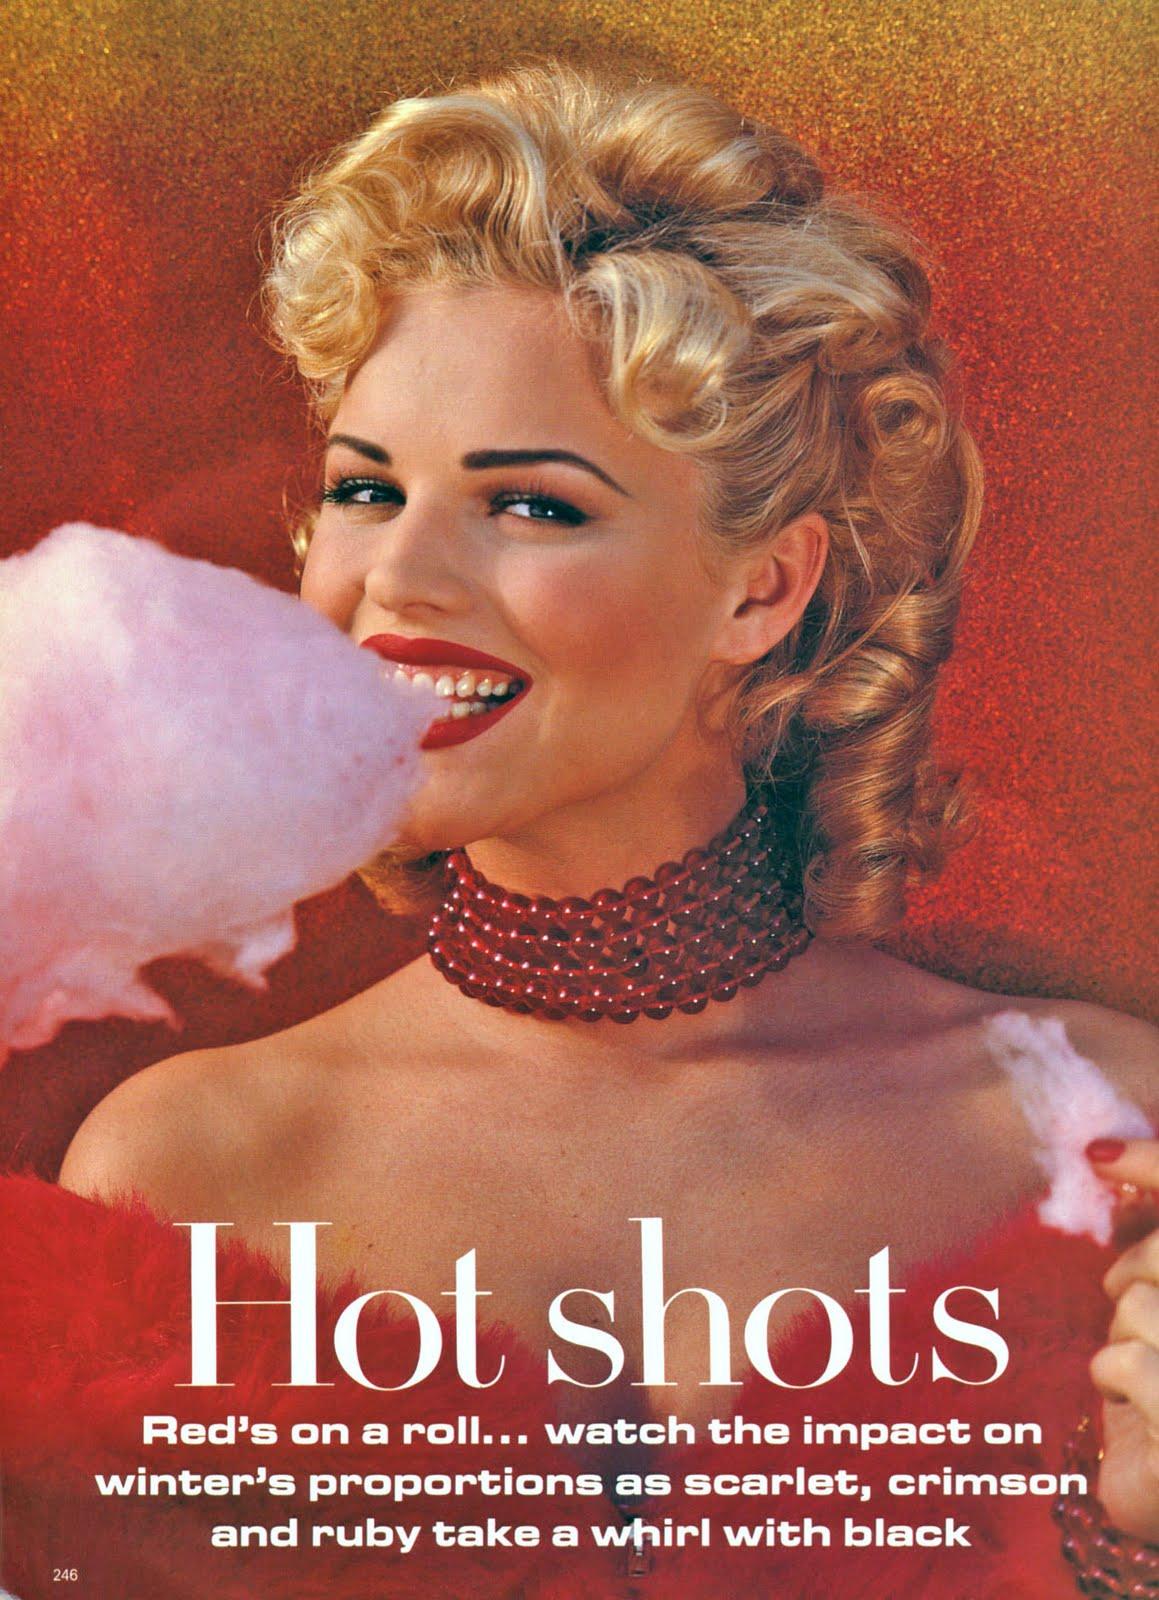 http://1.bp.blogspot.com/-jNejk0ShPKY/TVgtynA8_OI/AAAAAAAAD5M/Oa-j6U3CBqc/s1600/80413_Eva_Herzigova_1992_09_Vogue_Uk_01_122_566lo.jpg